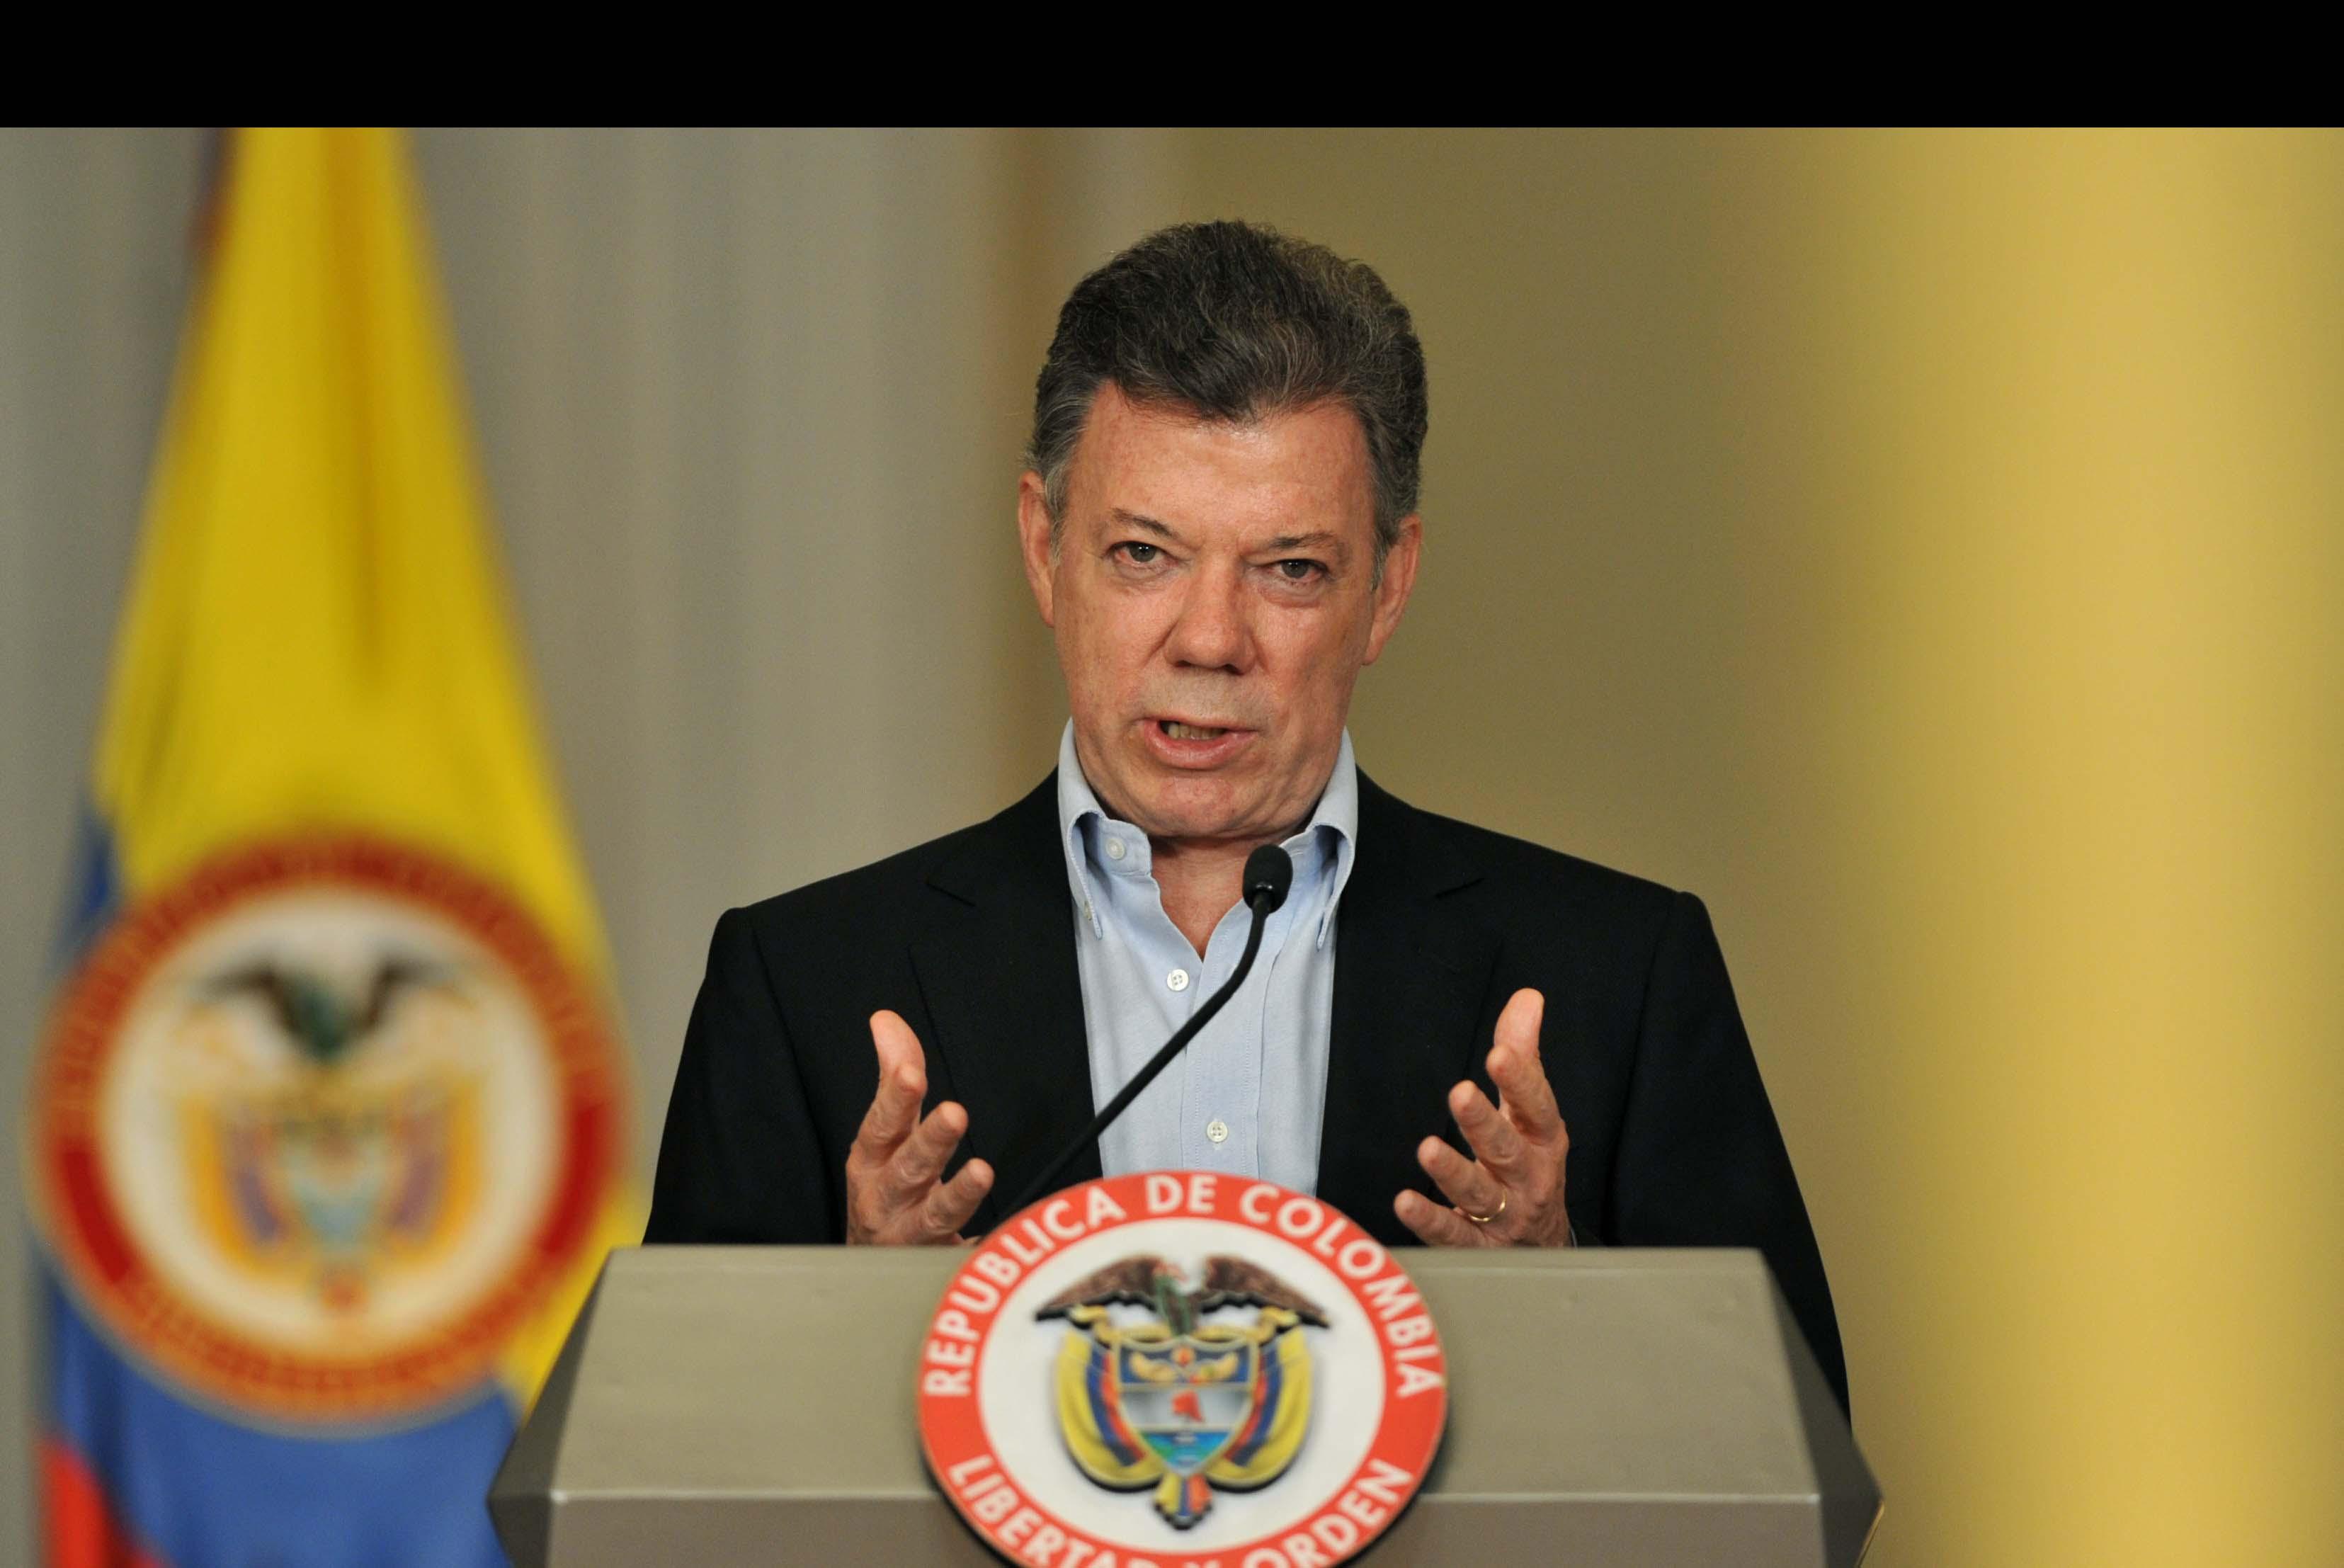 El presidente Colombiano Juan Manuel Santos espera que a la fecha tope se lleguen a nuevos consensos